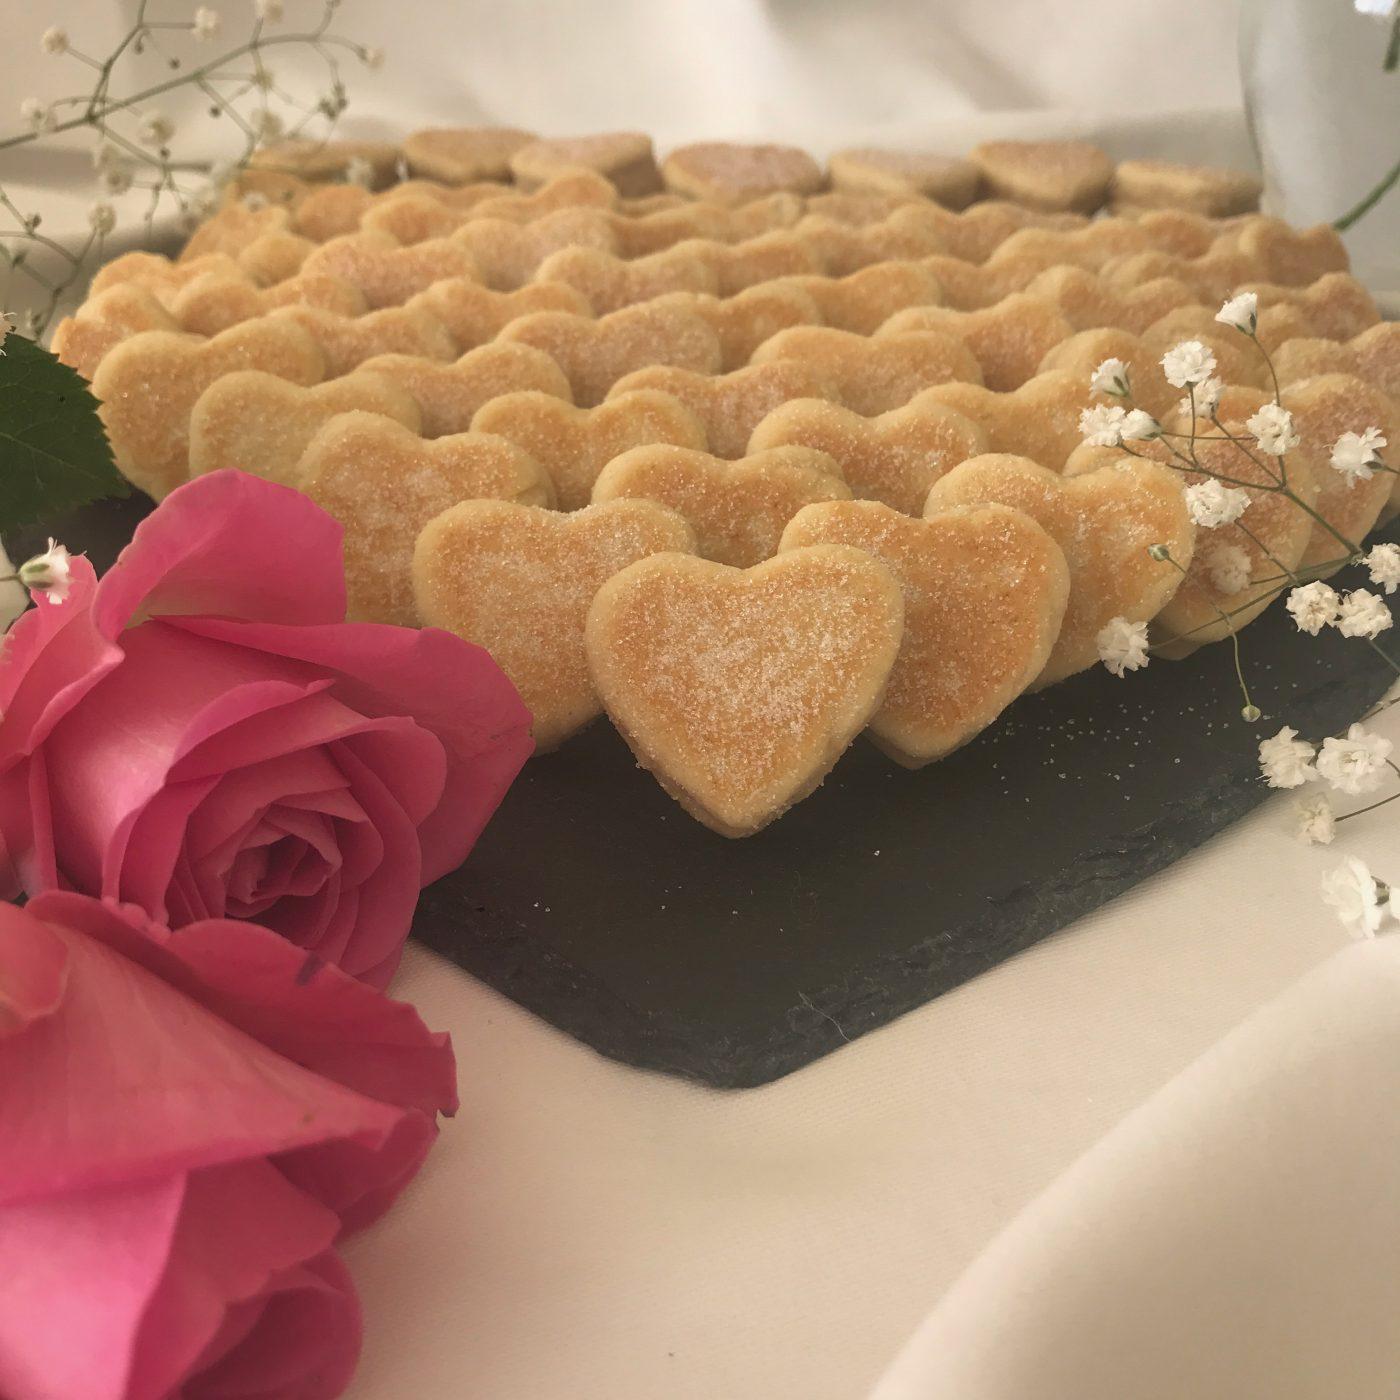 Welshcake platter